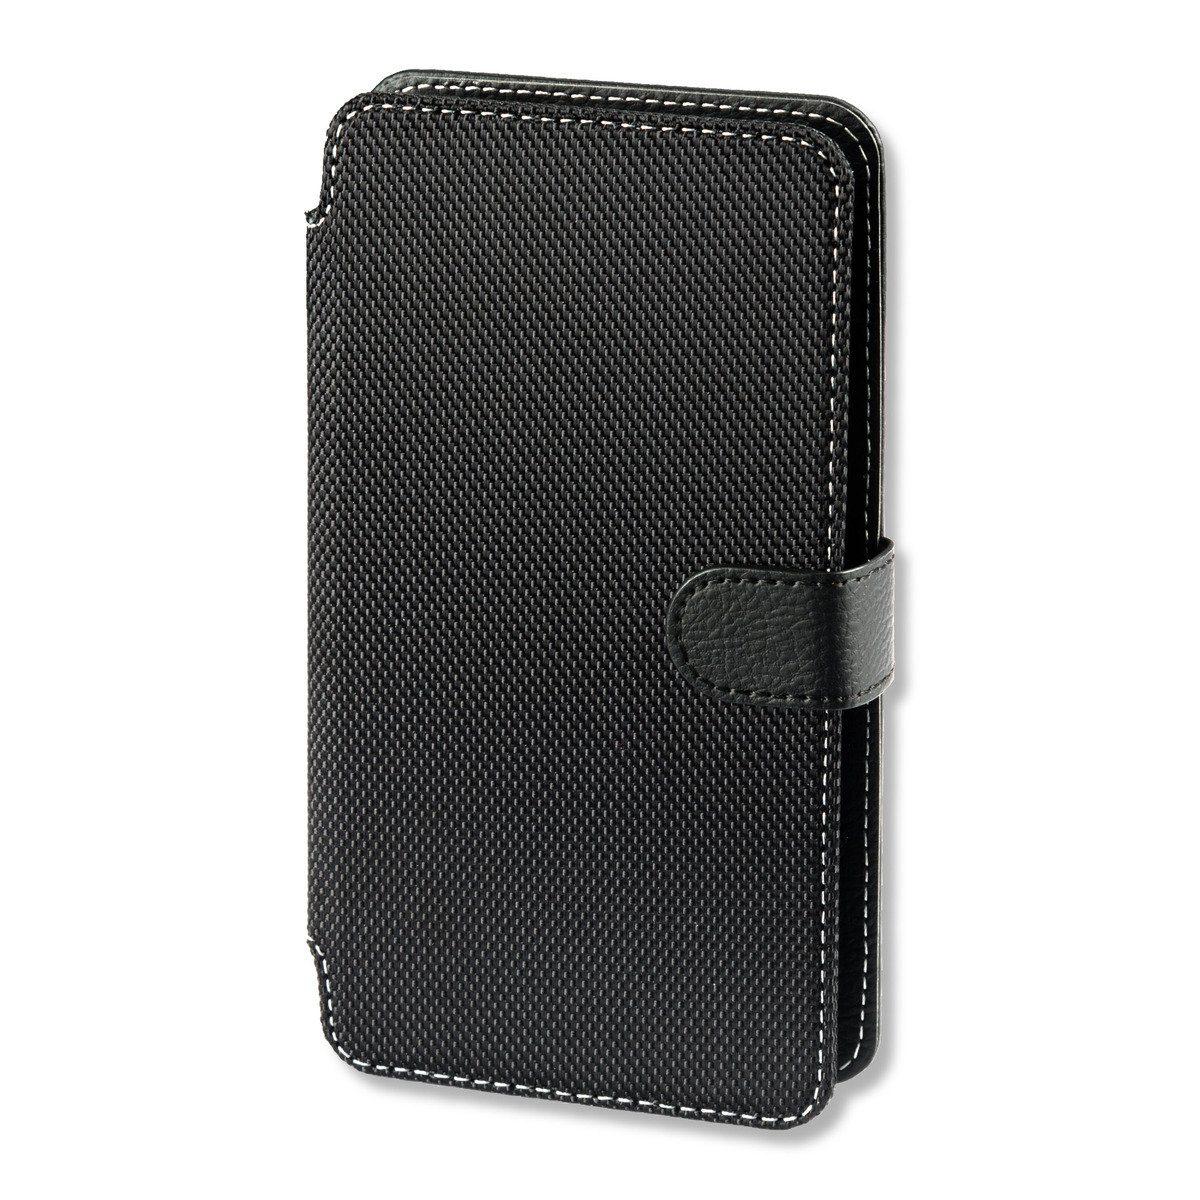 4Smarts Handytasche »SOHO Book Universal-Tasche bis 11,94 cm (4,7 Zoll)«